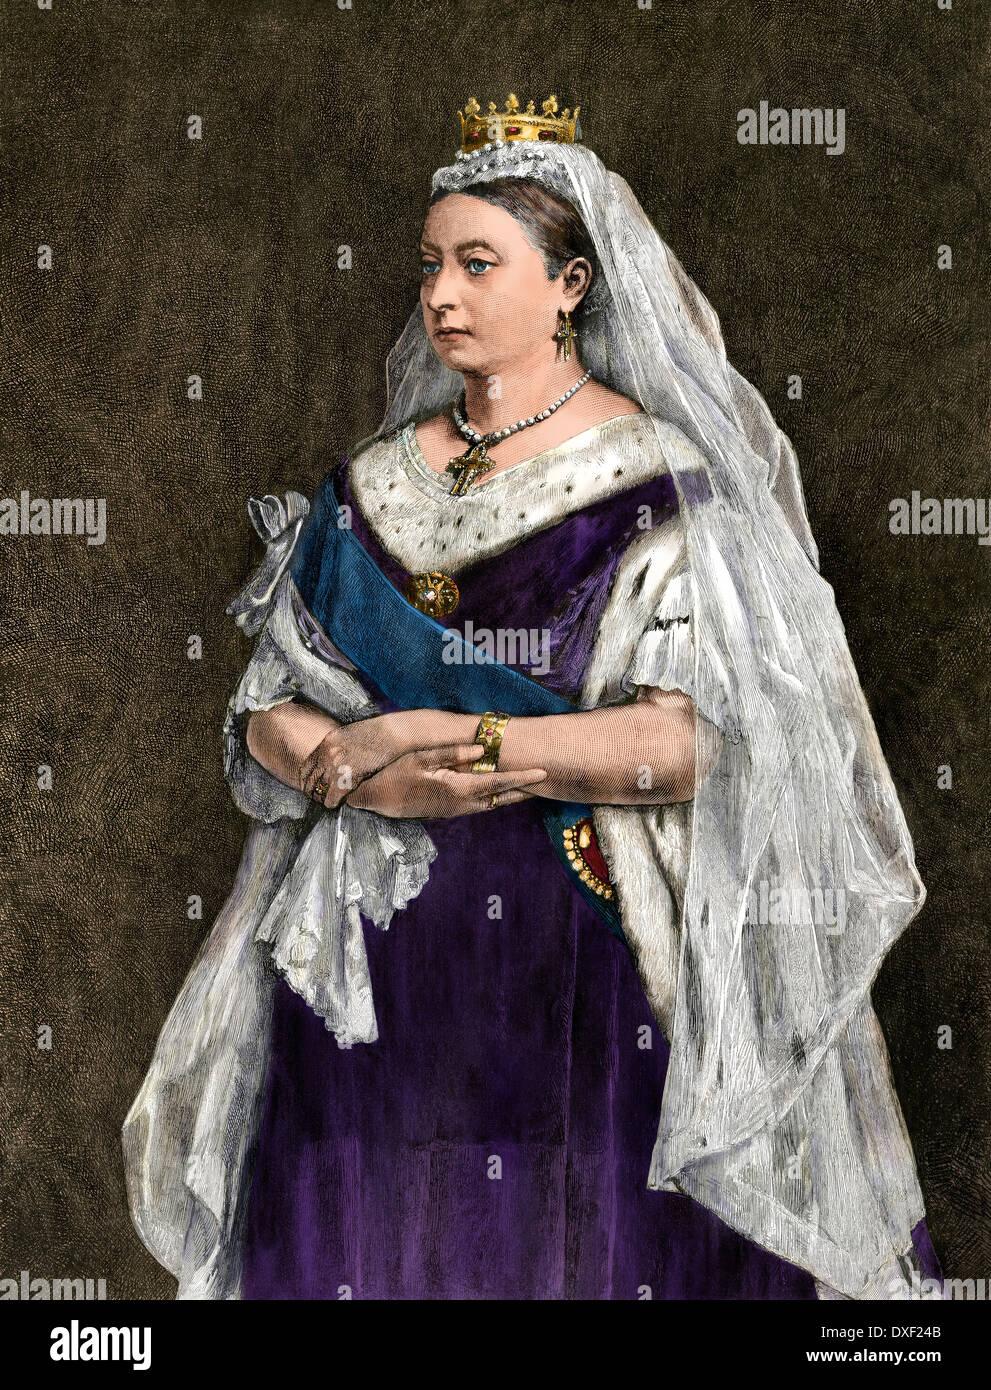 La reine Victoria d'Angleterre, 1872. Gravure sur bois couleur numérique Photo Stock